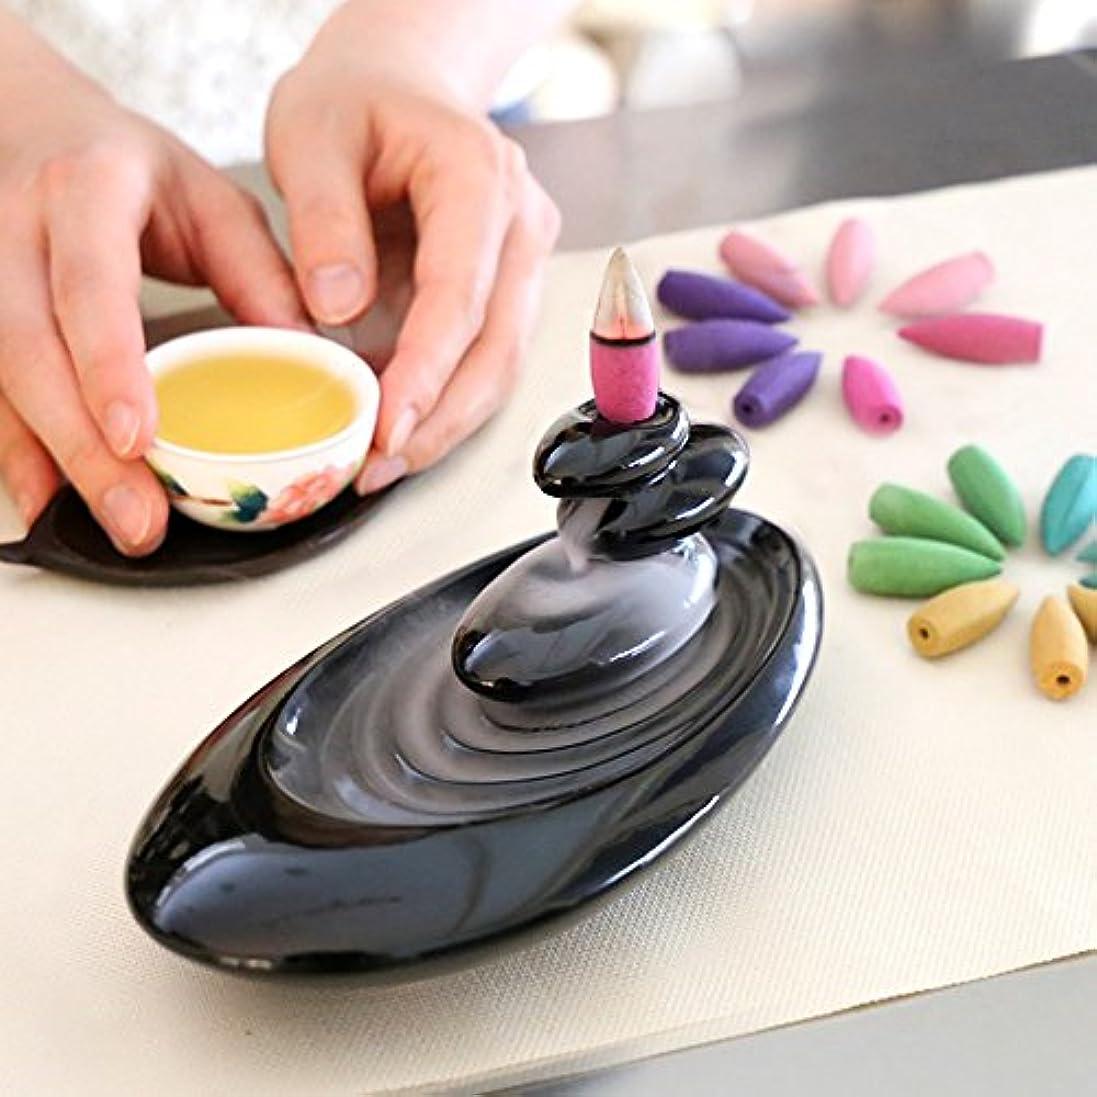 モディッシュ狂信者リンケージ倒流香 香炉 シンプル 6種の香り アロマ香炉 ギフトBOX仕様 アロマインセンス 逆流香 誕生日 プレゼント (誕生日カード)